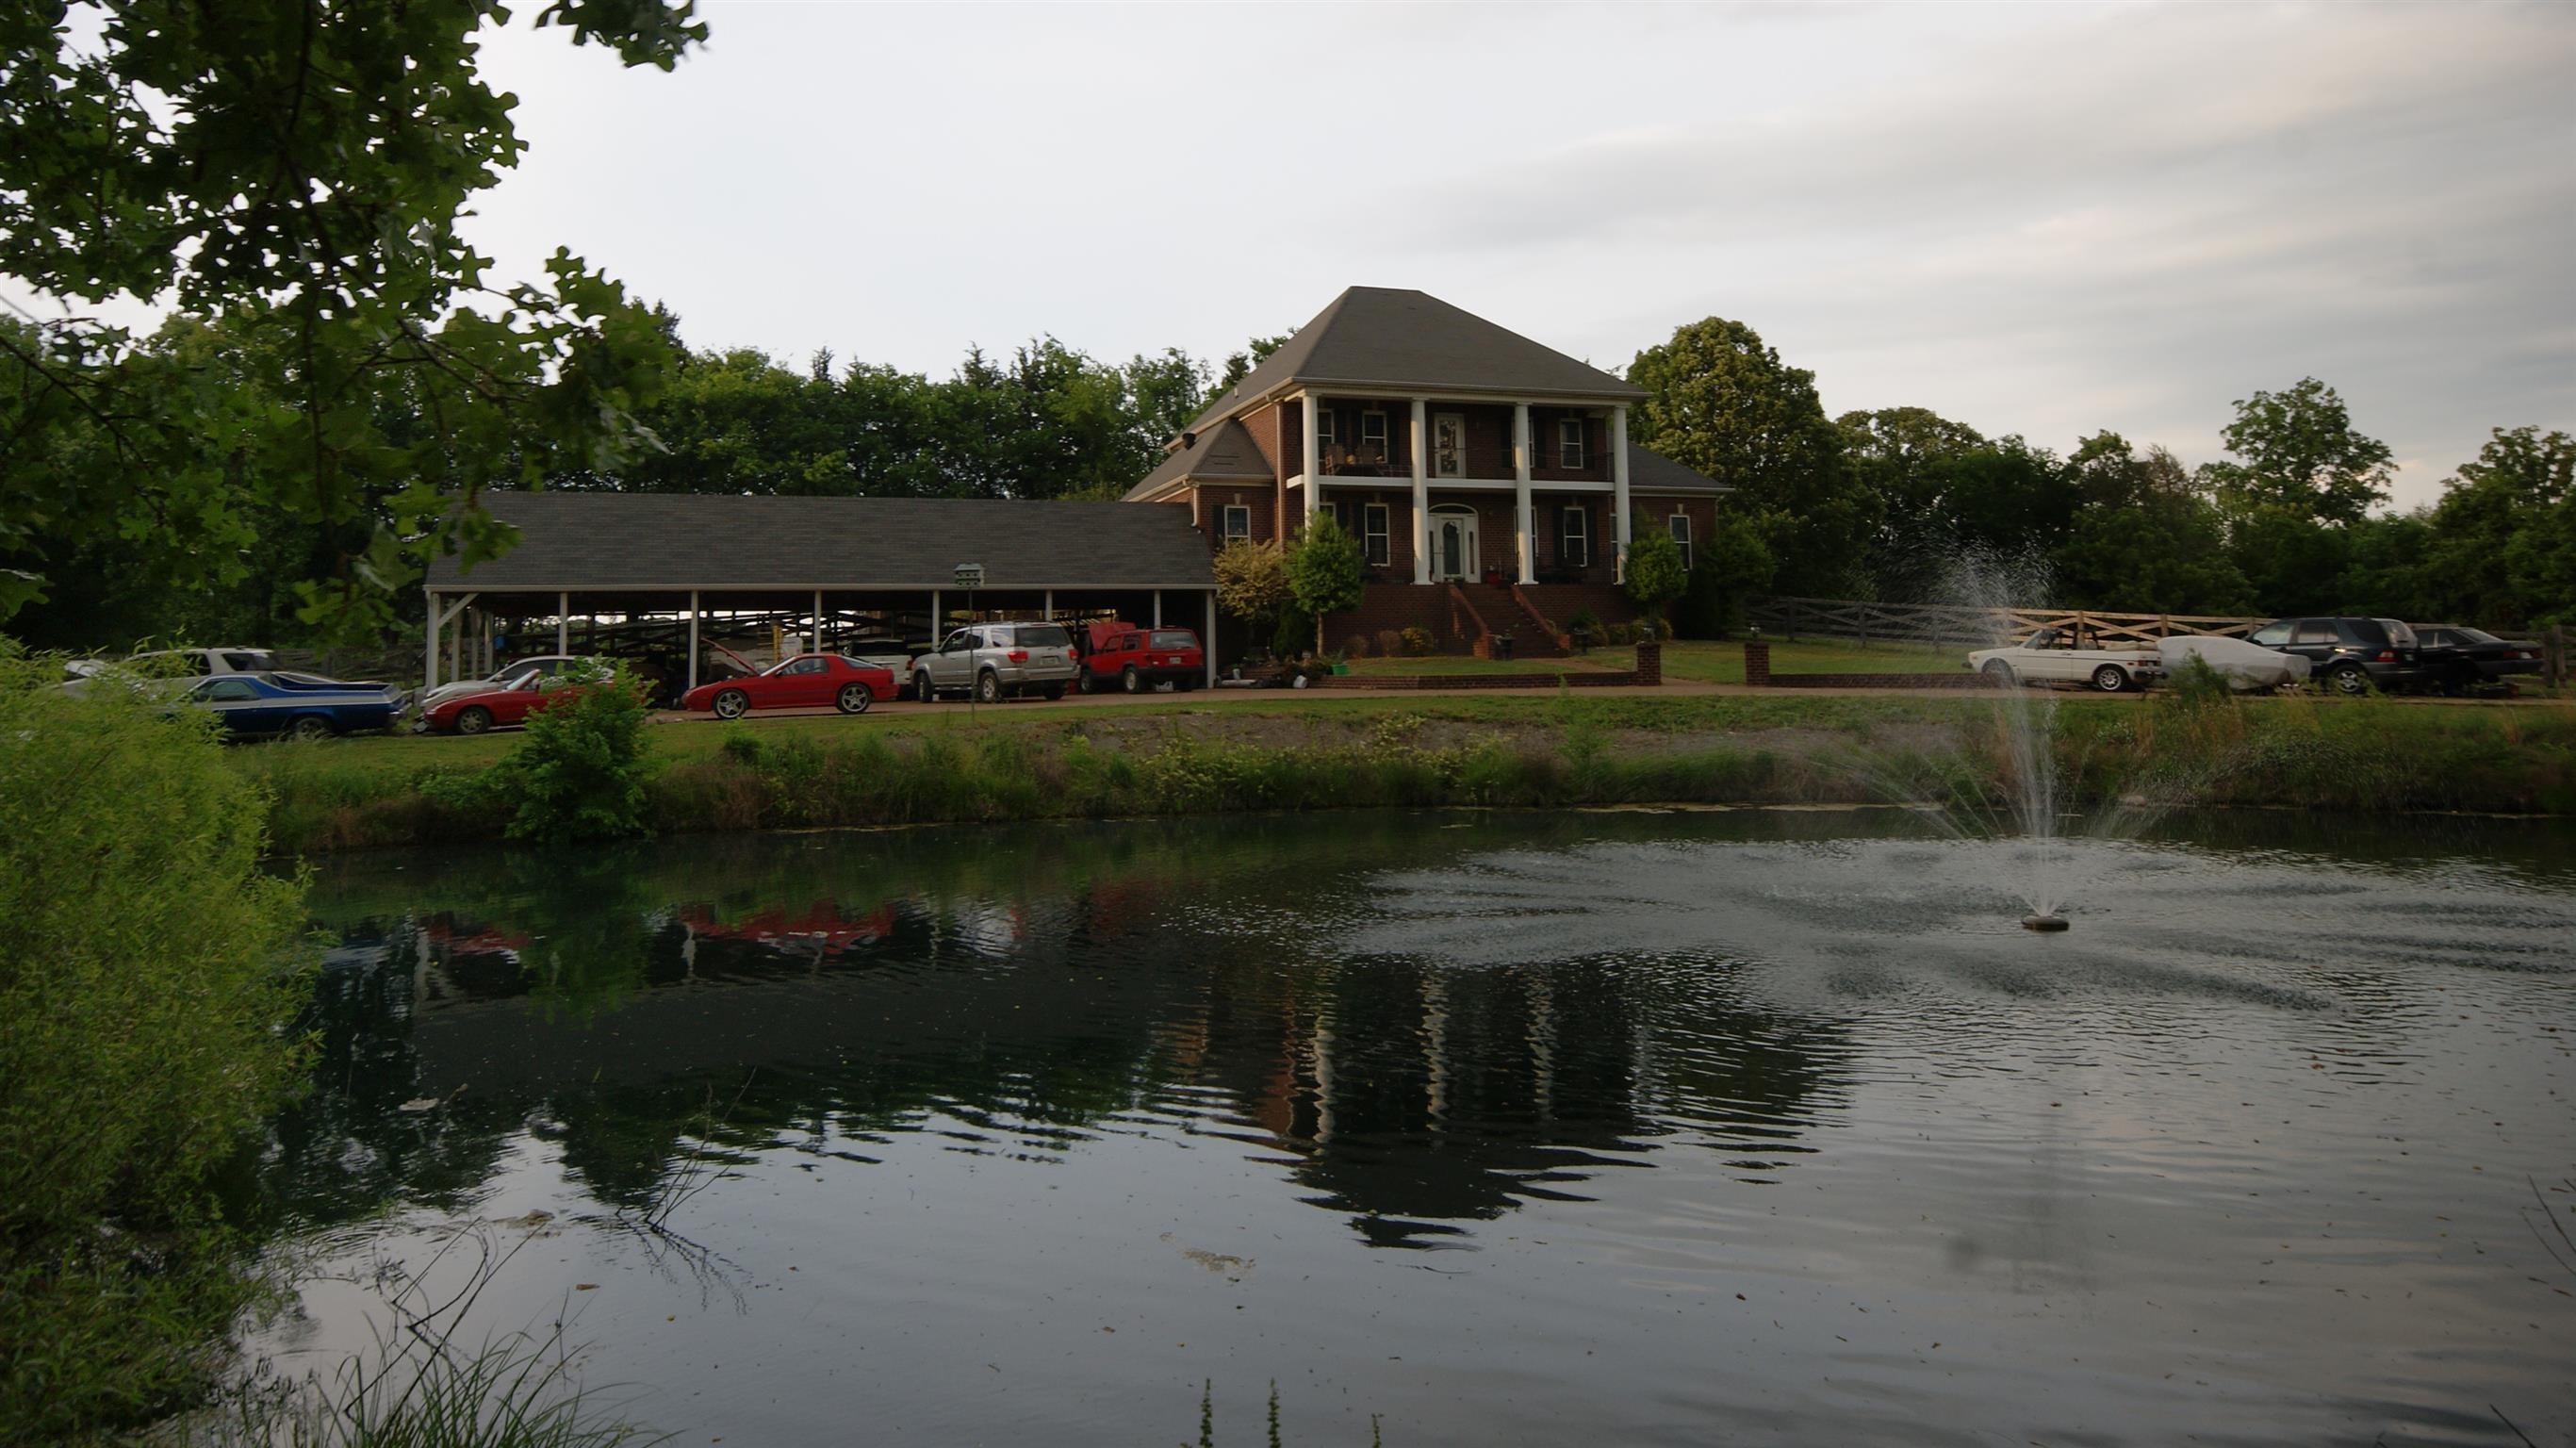 1578 Harkreader Rd, Mount Juliet, TN 37122 - Mount Juliet, TN real estate listing